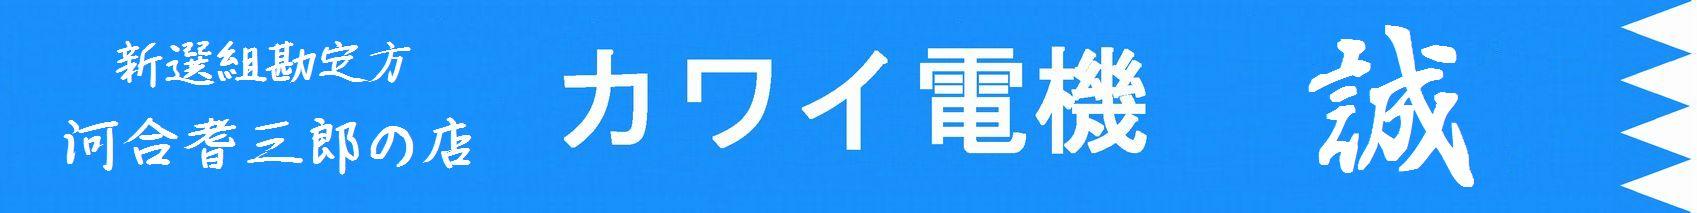 新選組勘定方 河合耆三郎(かわいきさぶろう)の店 カワイ電機